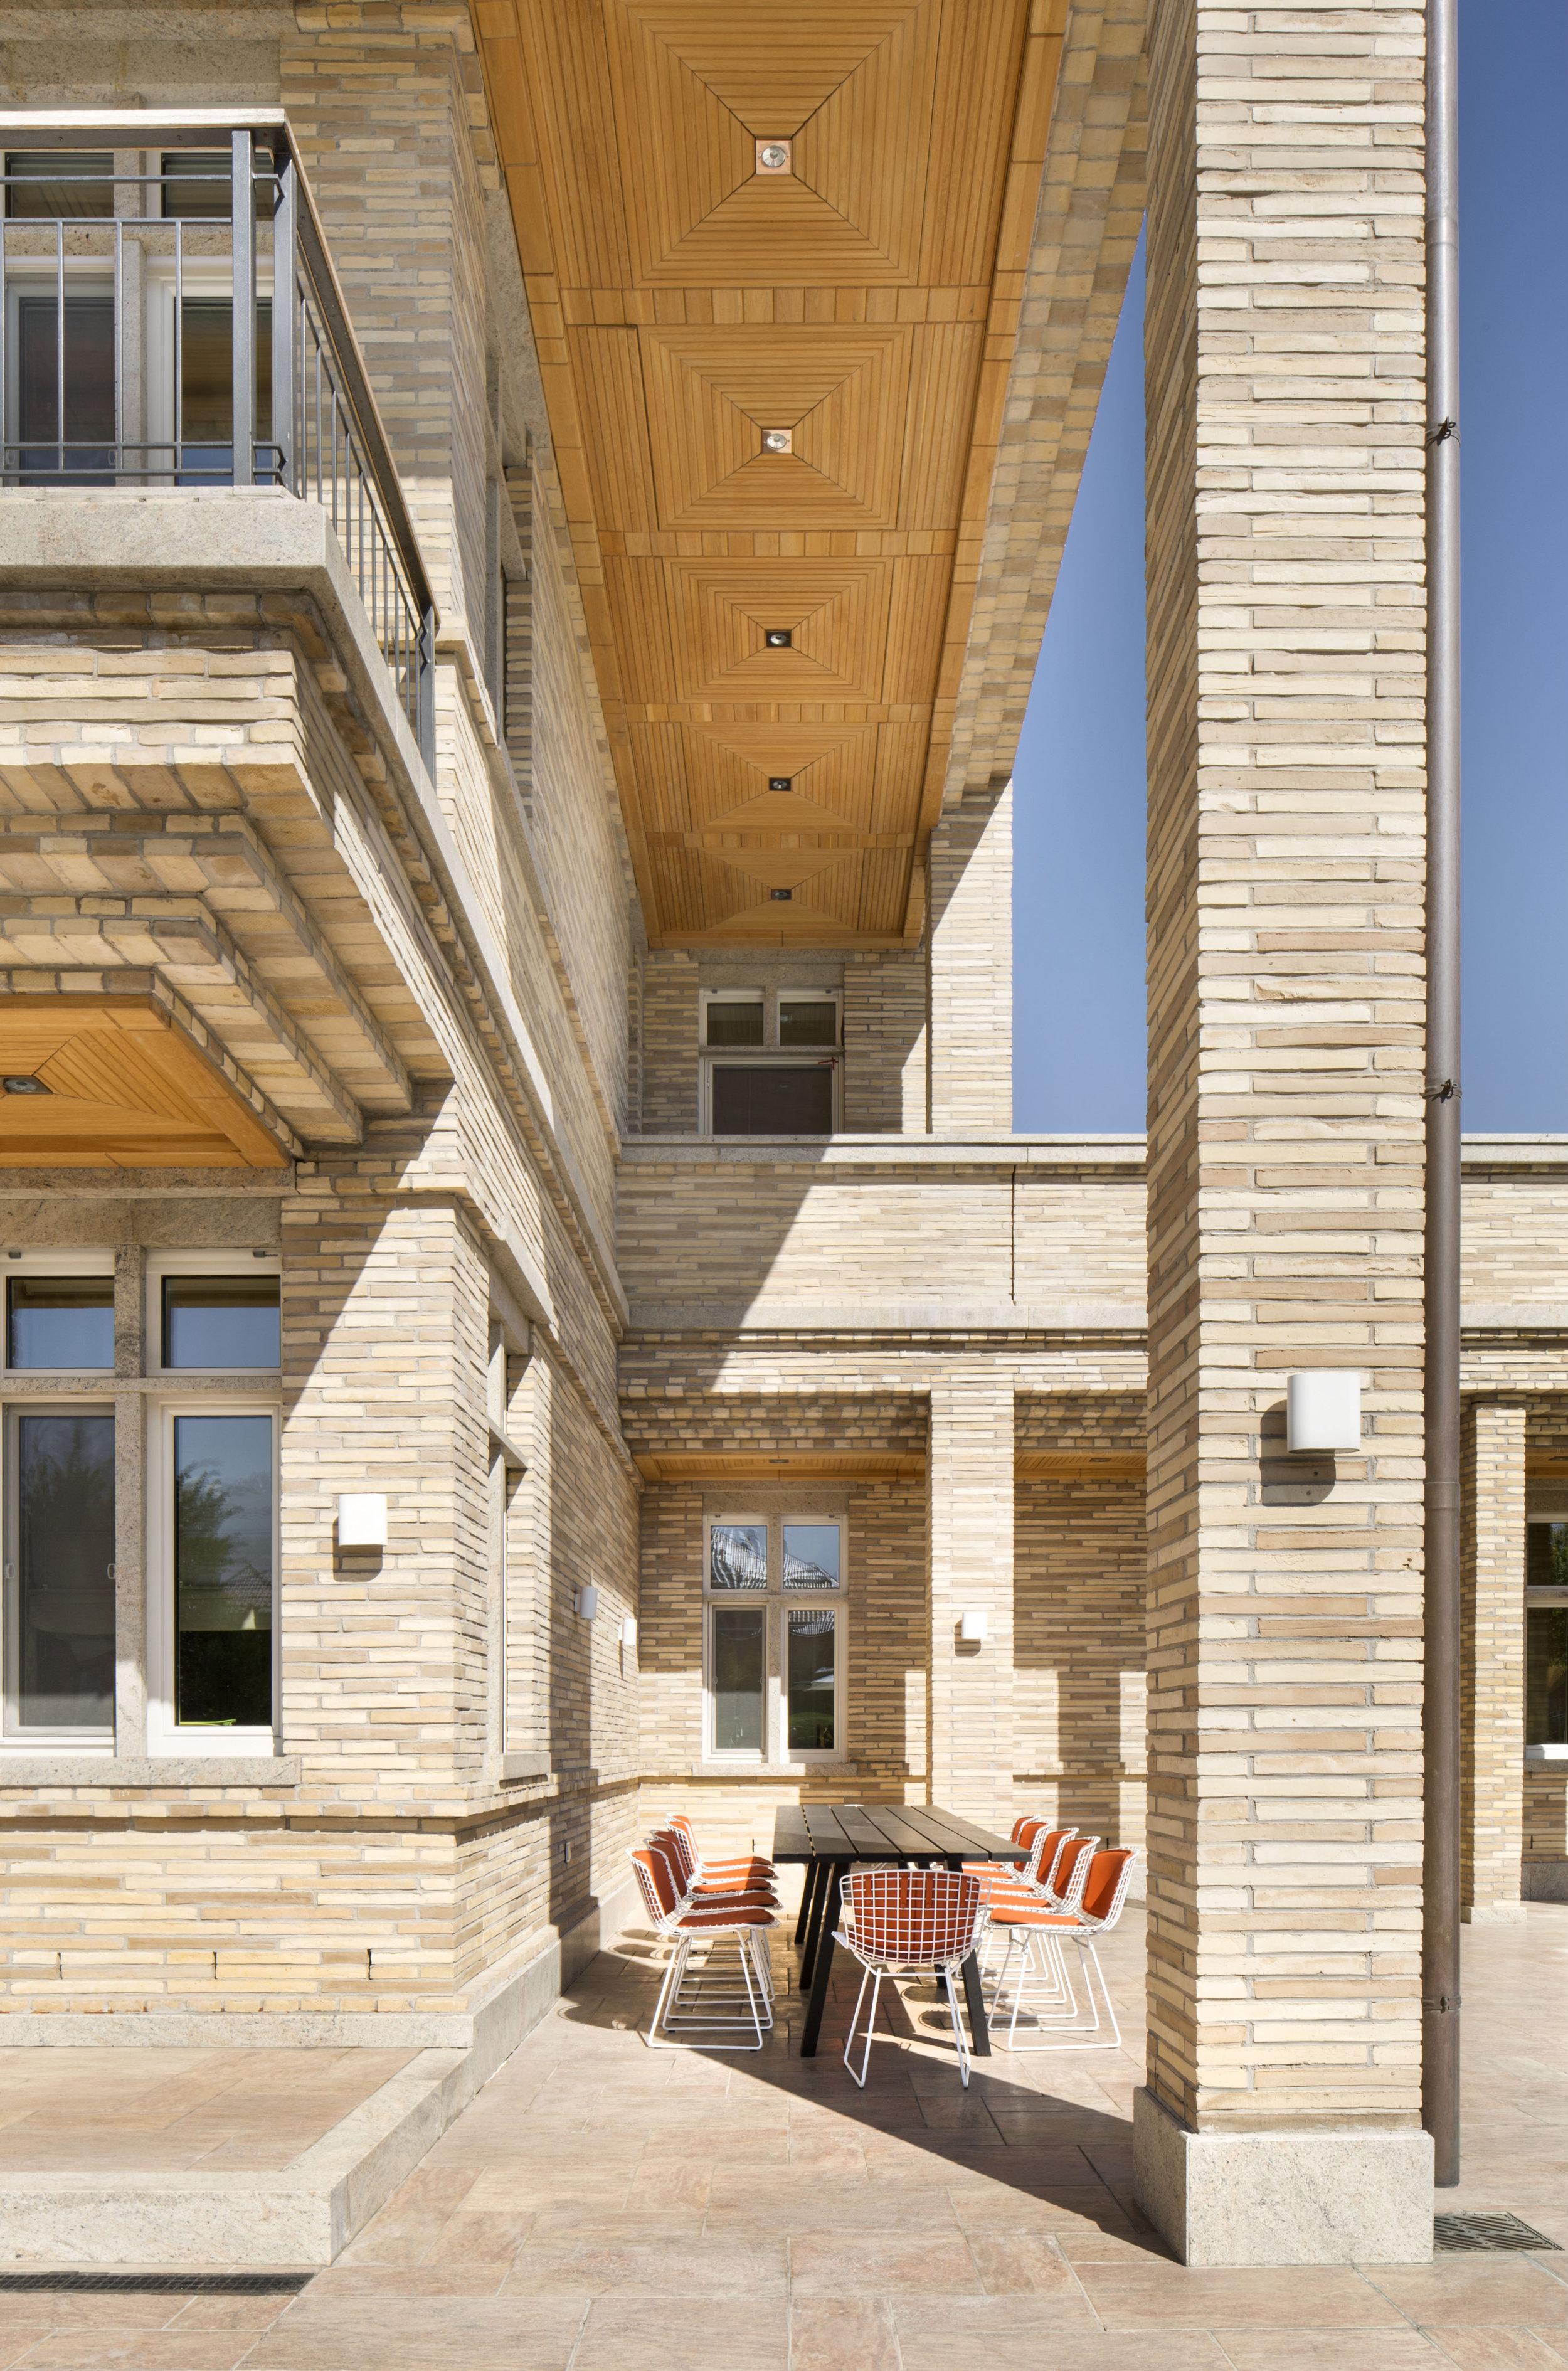 miras-villa_private-architecture-interior-design_coordination-berlin_02.jpg